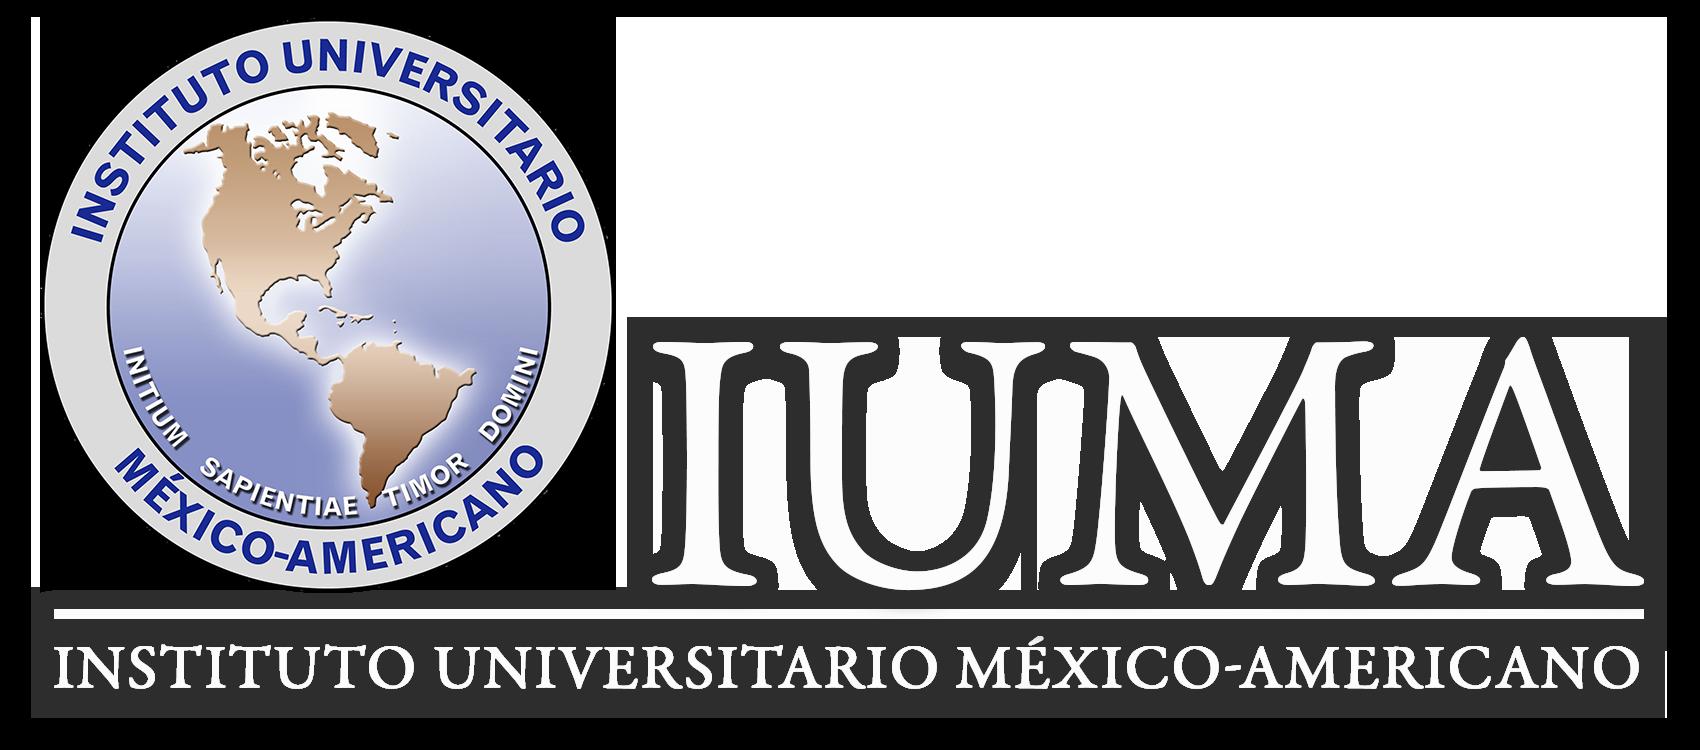 Instituto Universitario México-Americano